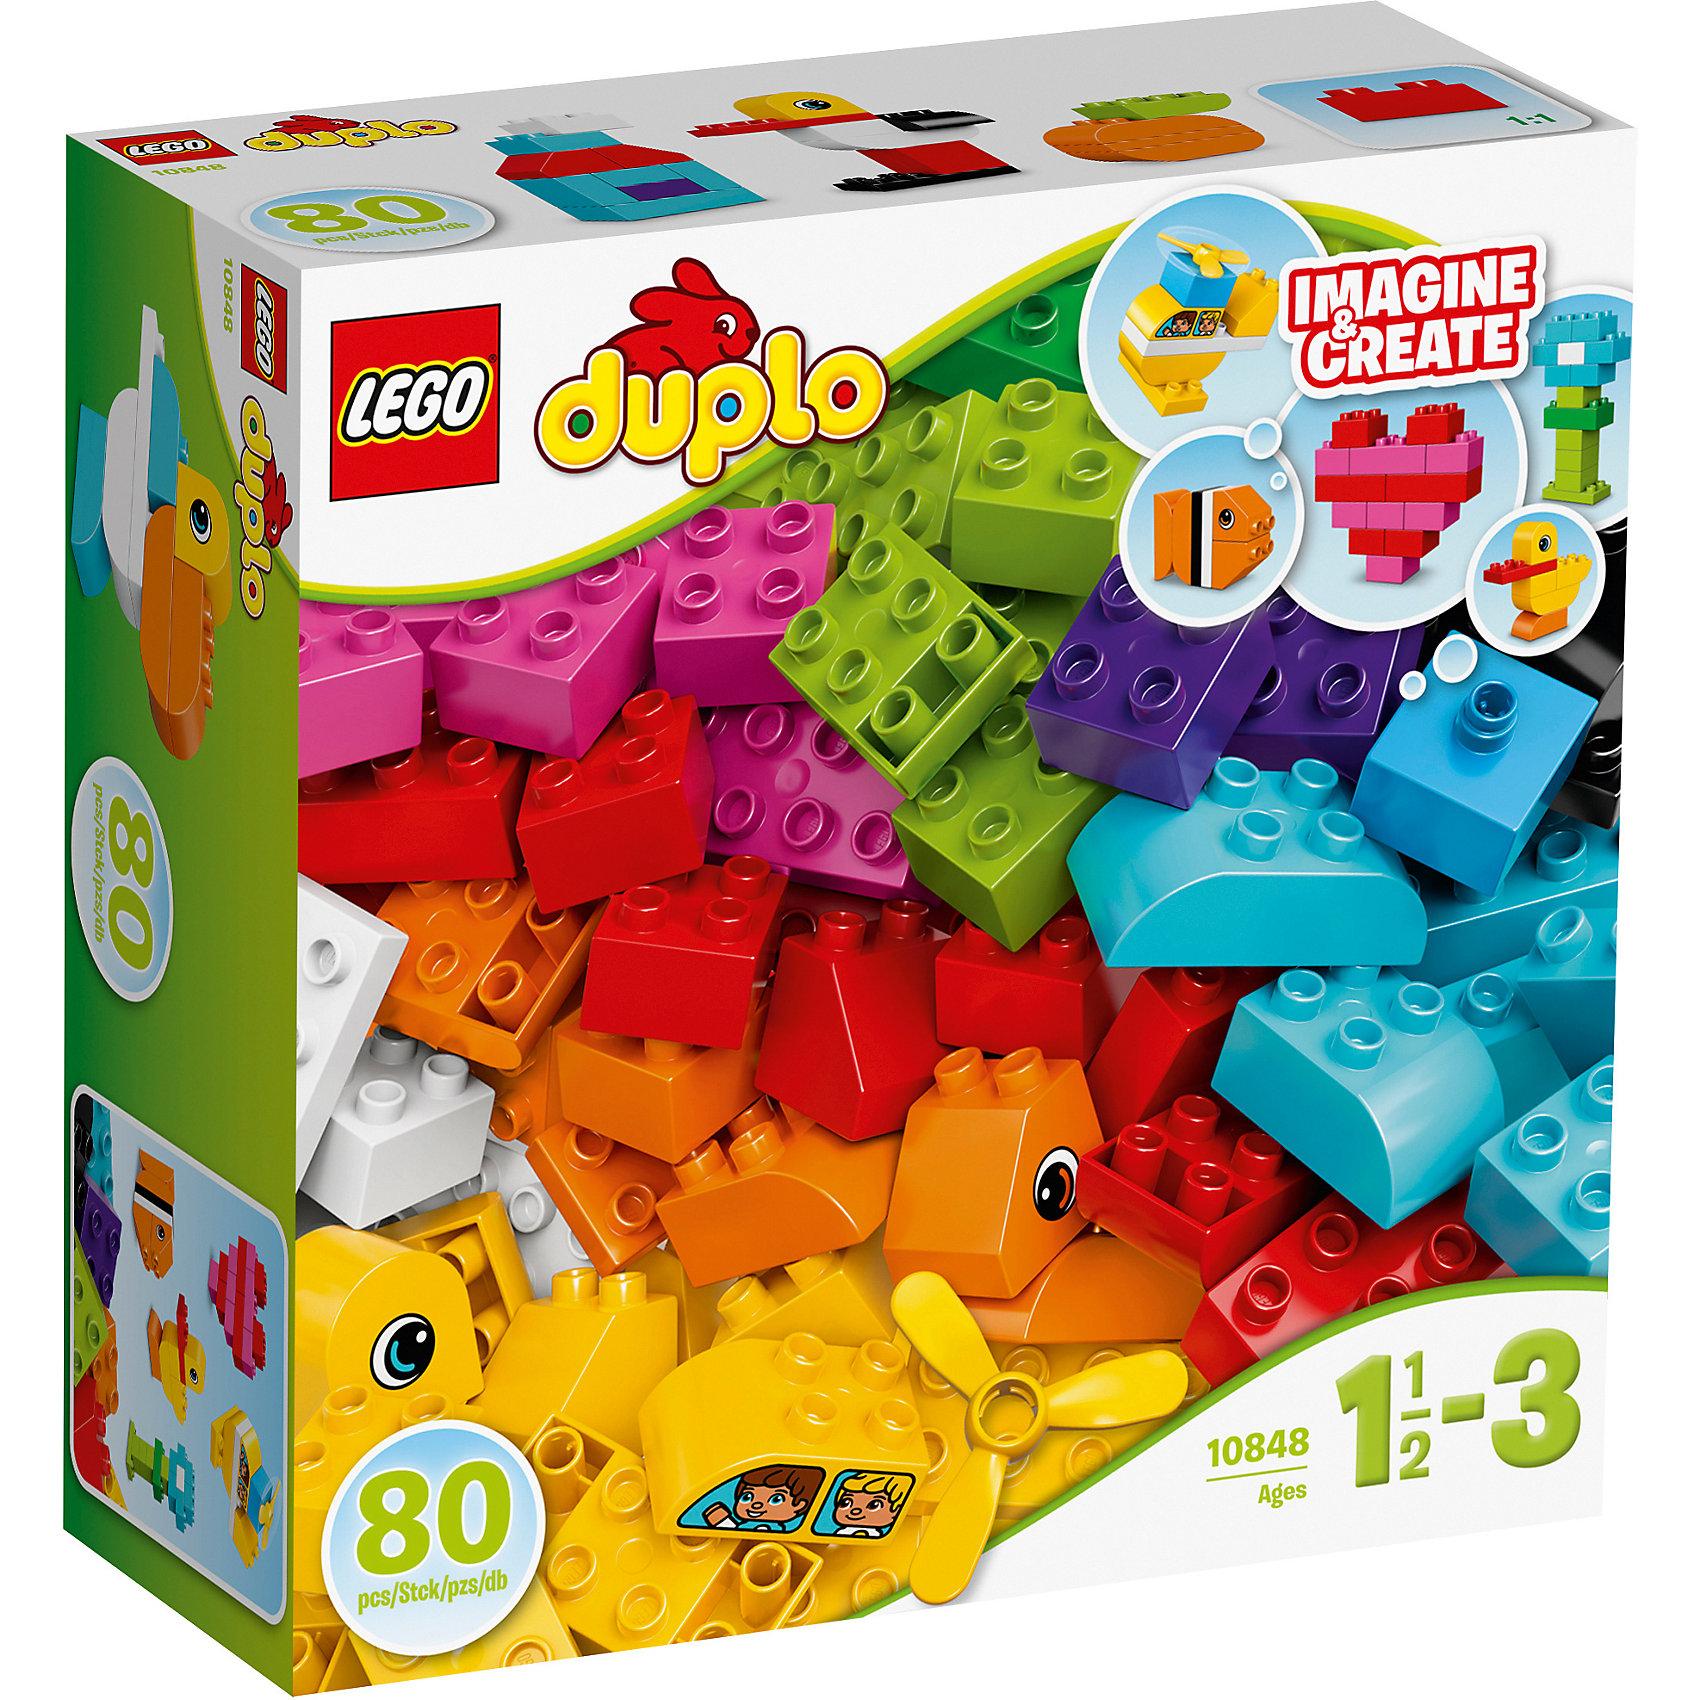 LEGO DUPLO 10848: Мои первые кубикиПластмассовые конструкторы<br>LEGO DUPLO 10848: Мои первые кубики<br><br>Характеристики:<br><br>- в набор входит: детали цветочка, утенка, рыбки, вертолета и сердечке, инструкция<br>- состав: пластик<br>- количество деталей: 80<br>- для детей в возрасте: от 1,5 до 3 лет<br>- Страна производитель: Дания/Китай/Чехия/<br><br>Легендарный конструктор LEGO (ЛЕГО) представляет серию «DUPLO» (Д?пло) для самых маленьких. Крупные детали безопасны для малышей, а интересная тематика, возможность фантазировать, собирать из конструктора свои фигуры и играть в него приведут кроху в восторг! В этом интересном наборе представлено 80 деталей, из которых можно собрать по инструкции рыбку, утенка, цветочек, сердечко и вертолет. Конечно же, малыш также сможет придумывать своих животных и свои фигурки. Пропеллер вертолета крутится. Ряд преимуществ предоставляет конструктор перед кубиками, ведь собирая животных и домики детальки не разъединятся при неловком движении. Играя с этим конструктором ребенок сможет развить внимание, память, моторику ручек, а также творческие способности. <br><br>Конструктор  LEGO DUPLO 10848: Мои первые кубики можно купить в нашем интернет-магазине.<br><br>Ширина мм: 292<br>Глубина мм: 289<br>Высота мм: 116<br>Вес г: 884<br>Возраст от месяцев: 12<br>Возраст до месяцев: 36<br>Пол: Унисекс<br>Возраст: Детский<br>SKU: 5002515